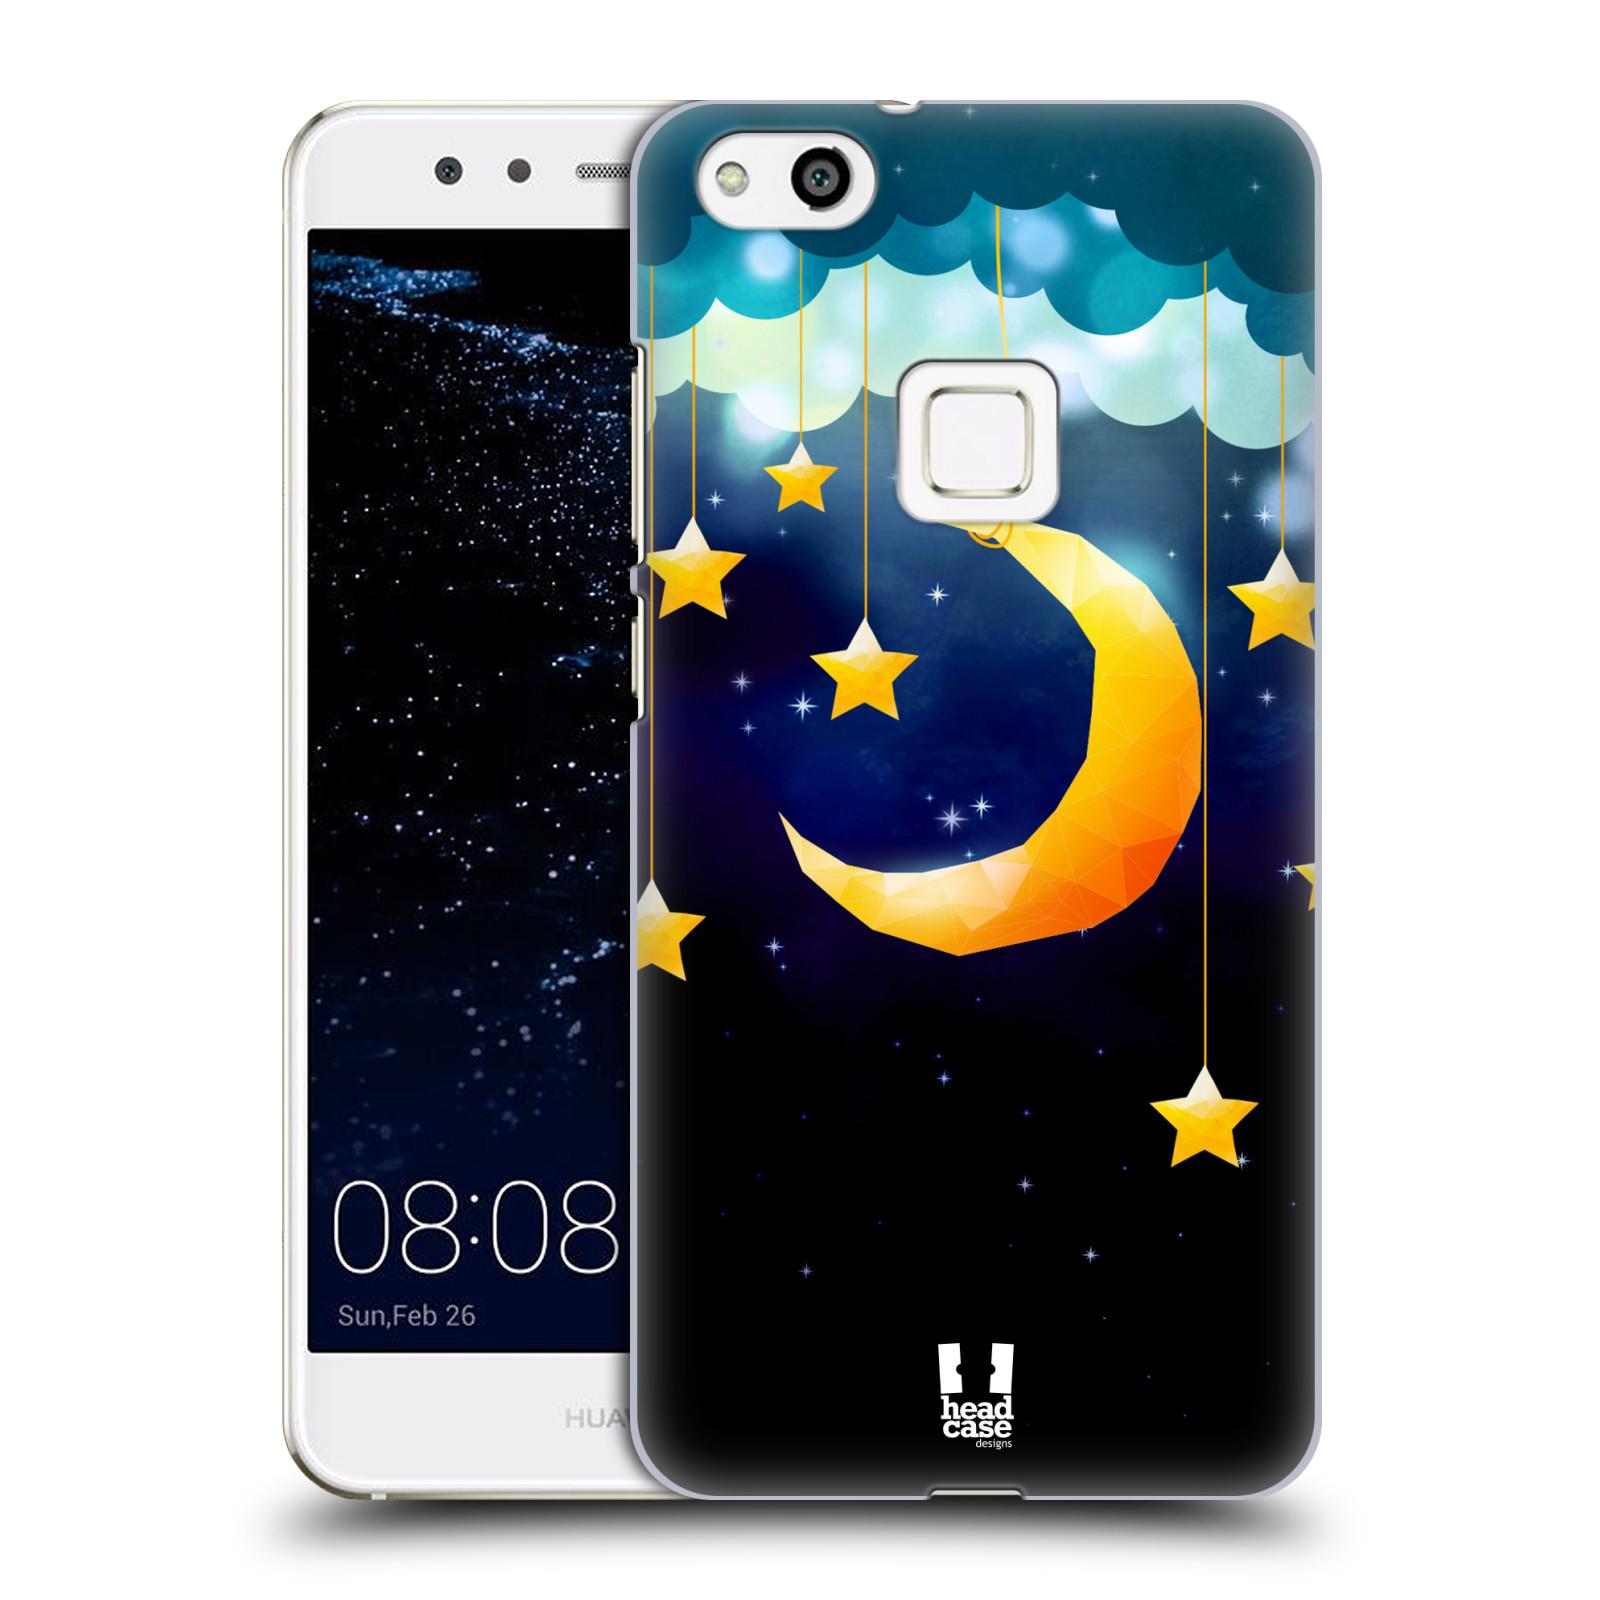 Plastové pouzdro na mobil Huawei P10 Lite Head Case - LOVE AFFLOAT MĚSÍC (Plastový kryt či obal na mobilní telefon Huawei P10 Lite Dual SIM (LX1/LX1A))